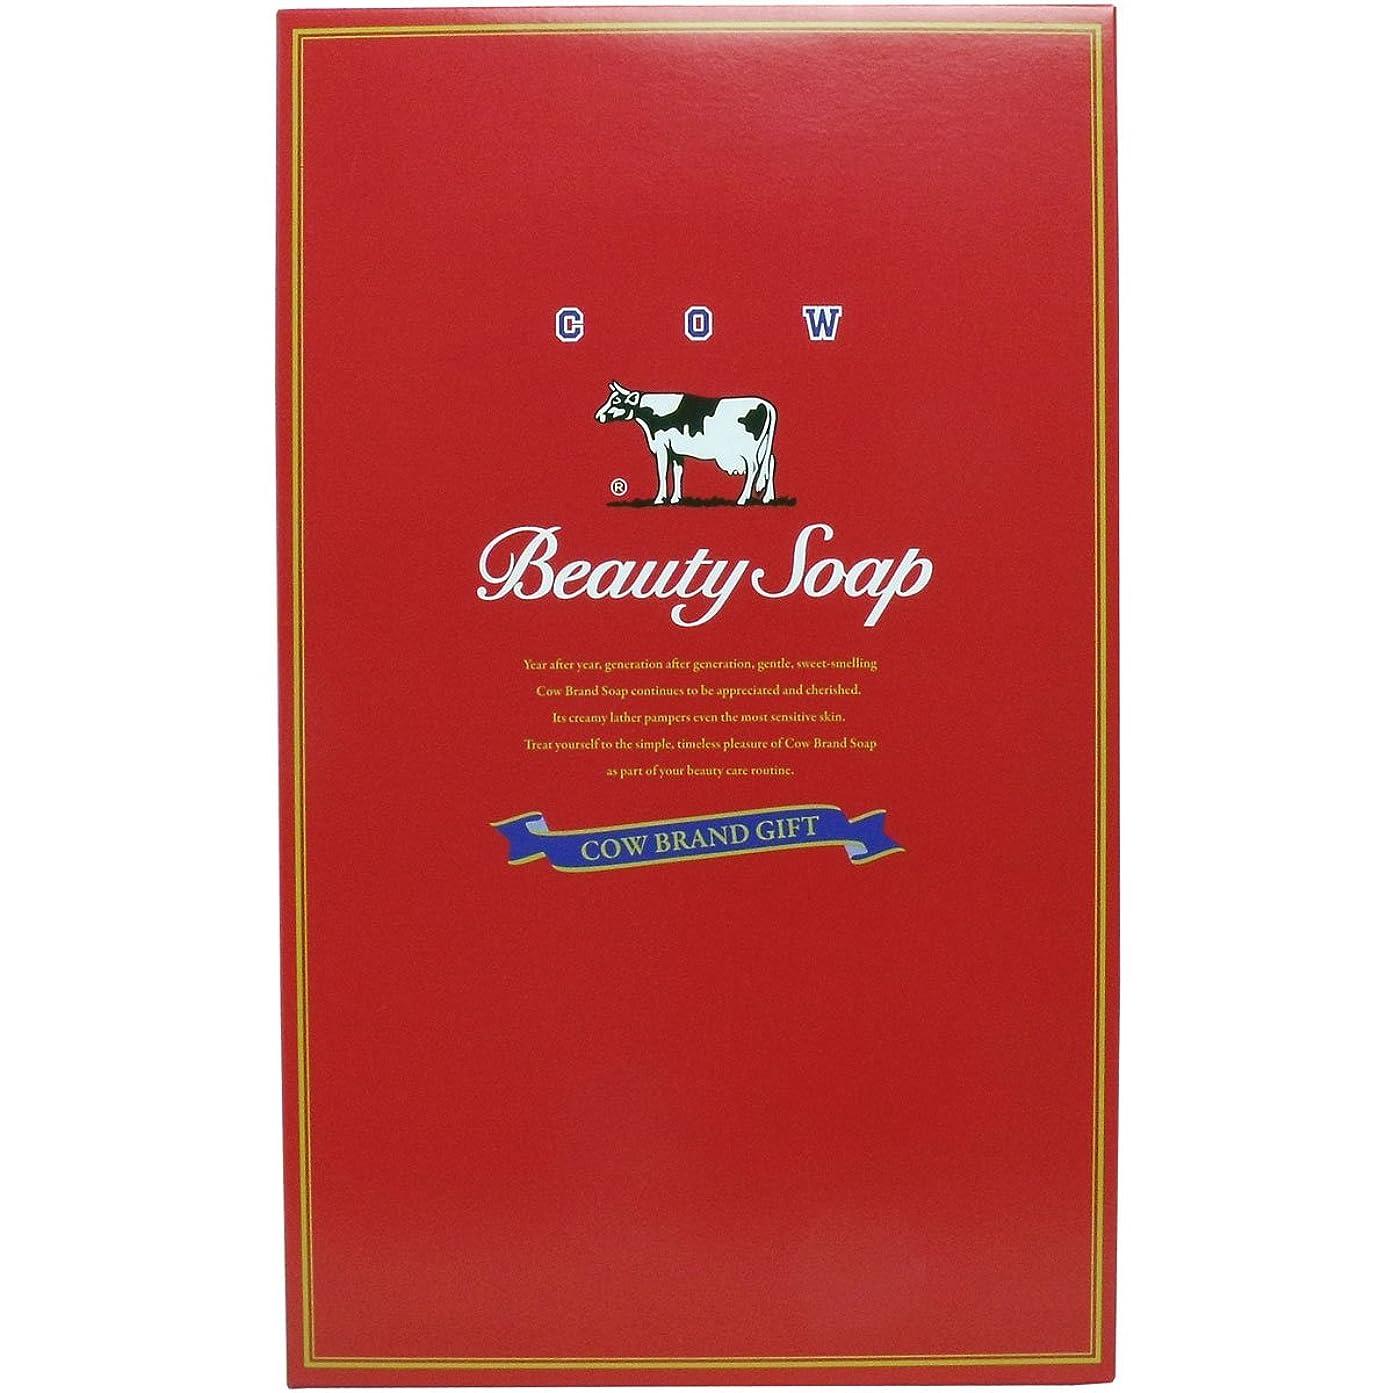 シェルター国困難牛乳石鹸共進社 カウブランド石鹸 赤箱 100g×10個×3箱